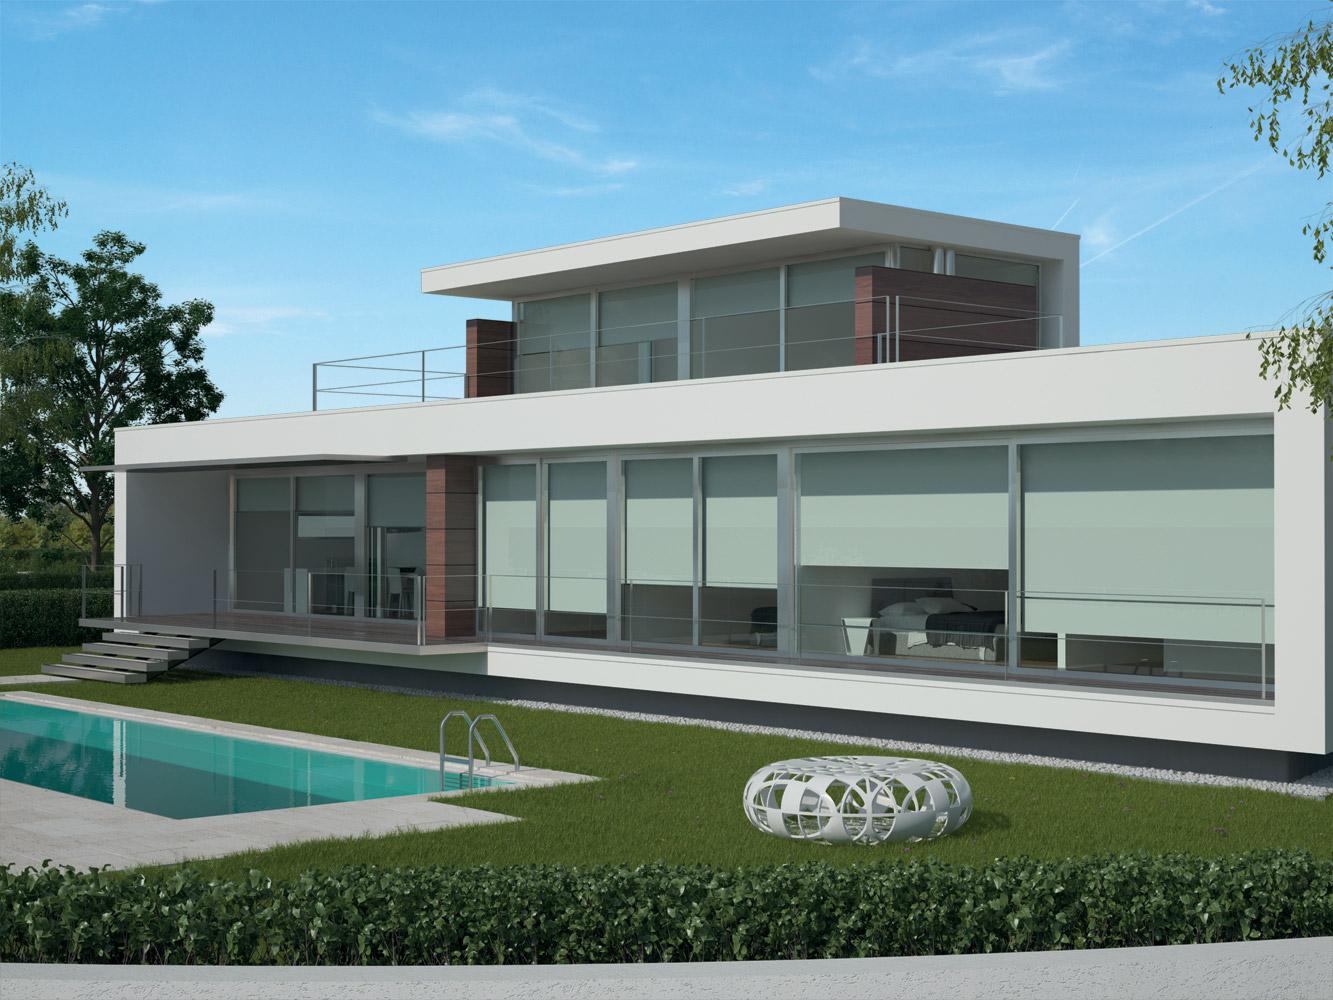 Progetto soleis for residence ville appartamenti for Piani immobiliari moderni